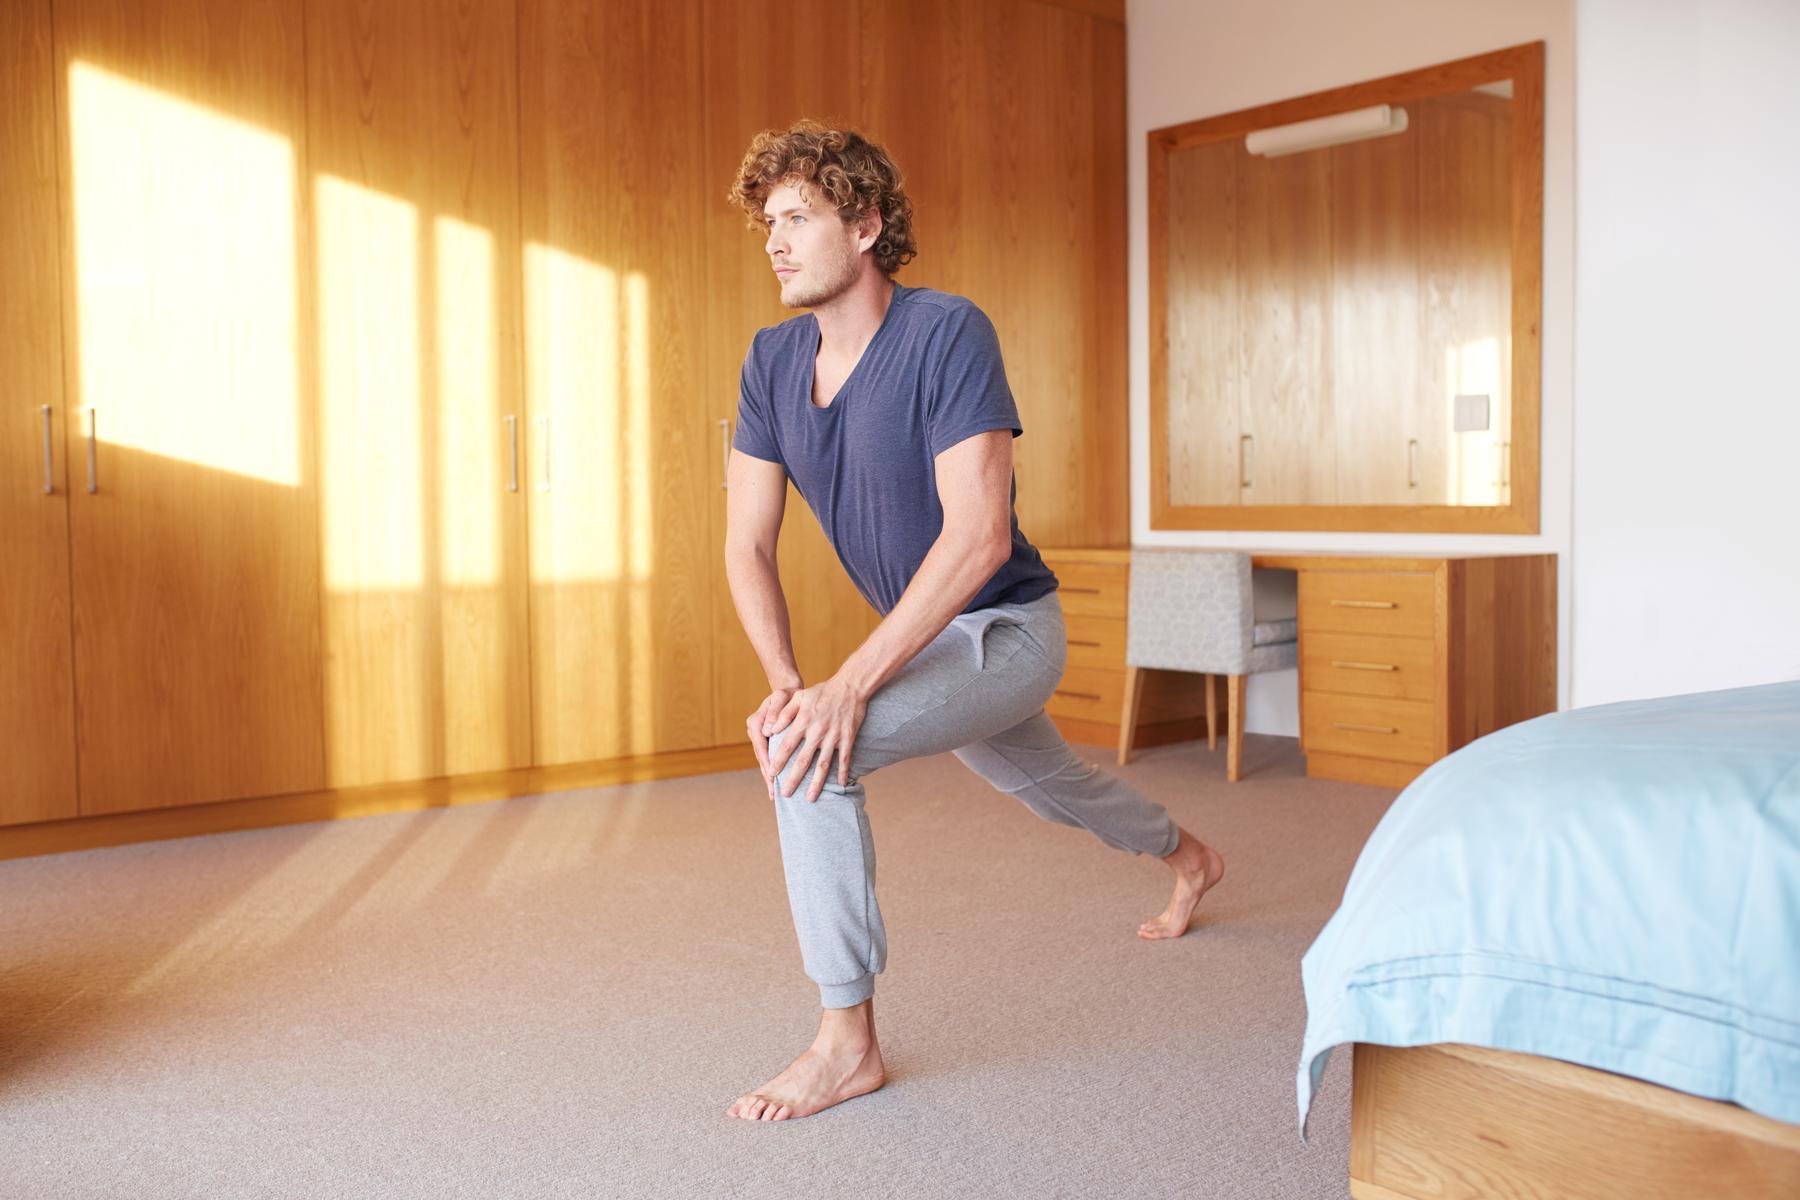 Beinmuskulatur von zu Hause aus aufbauen